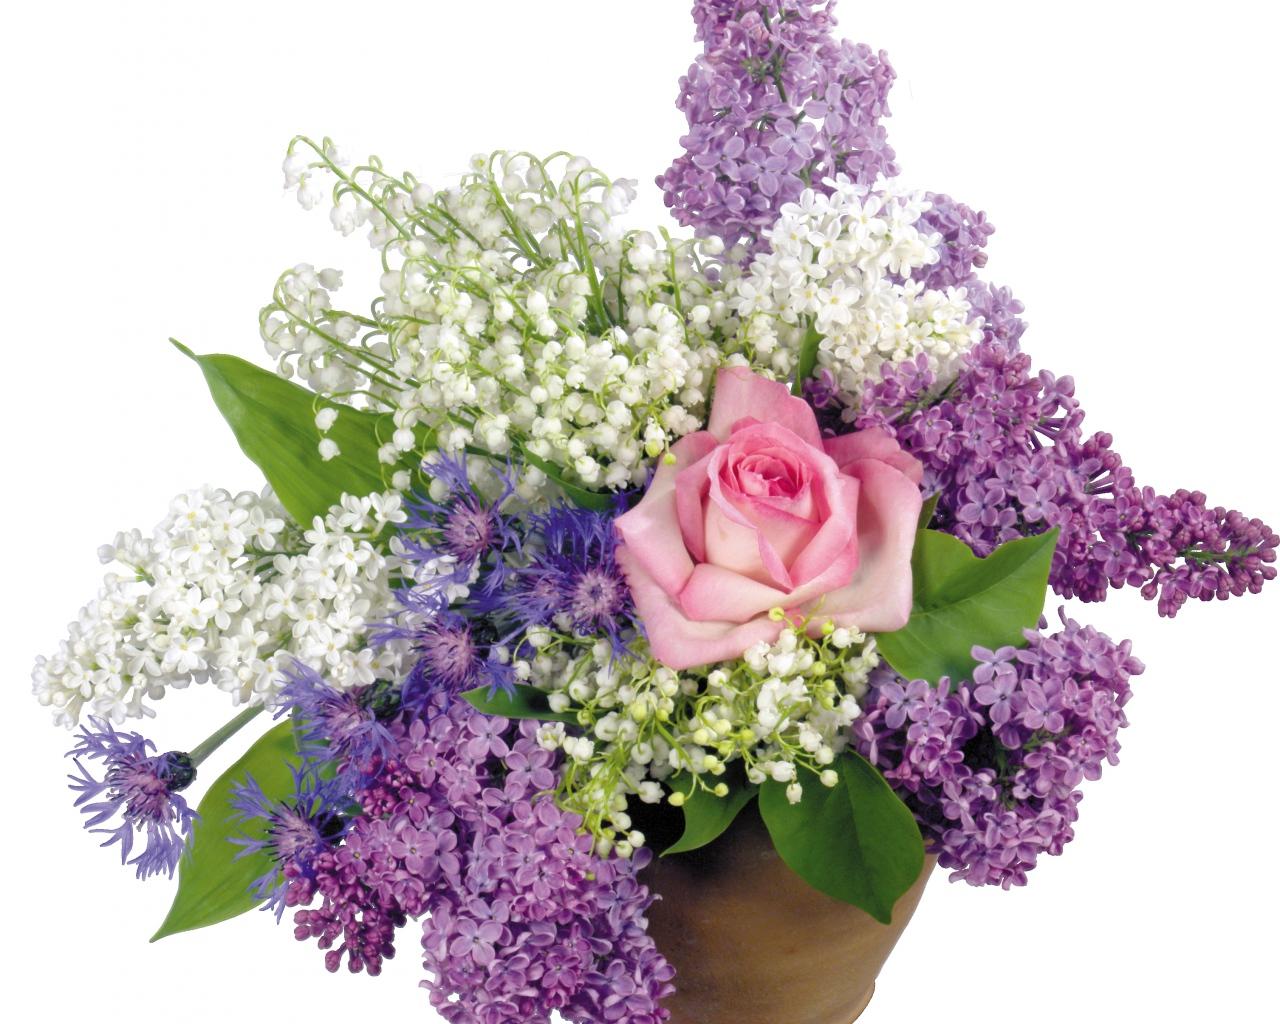 1280x1024 Обои роза, ландыши, сирень, цветы, горшок, букет